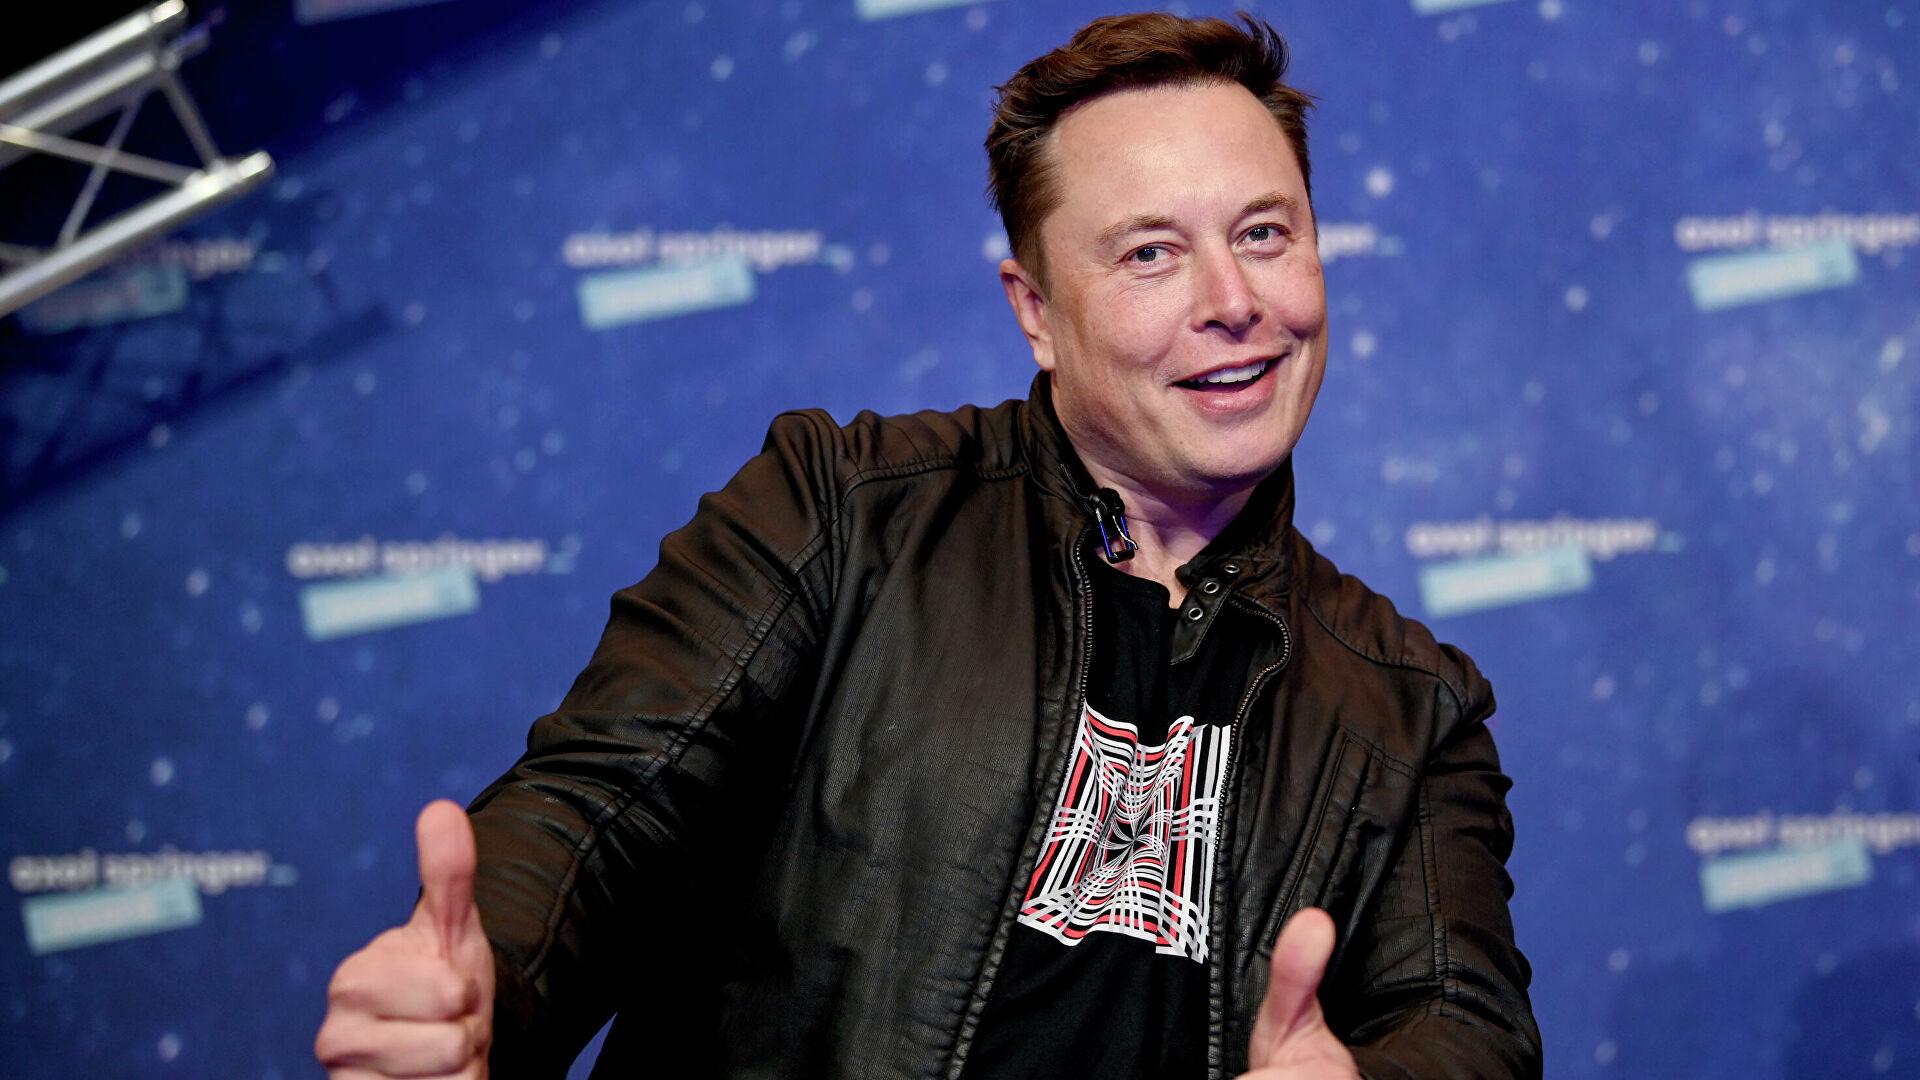 Илона Маска провозгласили «Королем технологий»